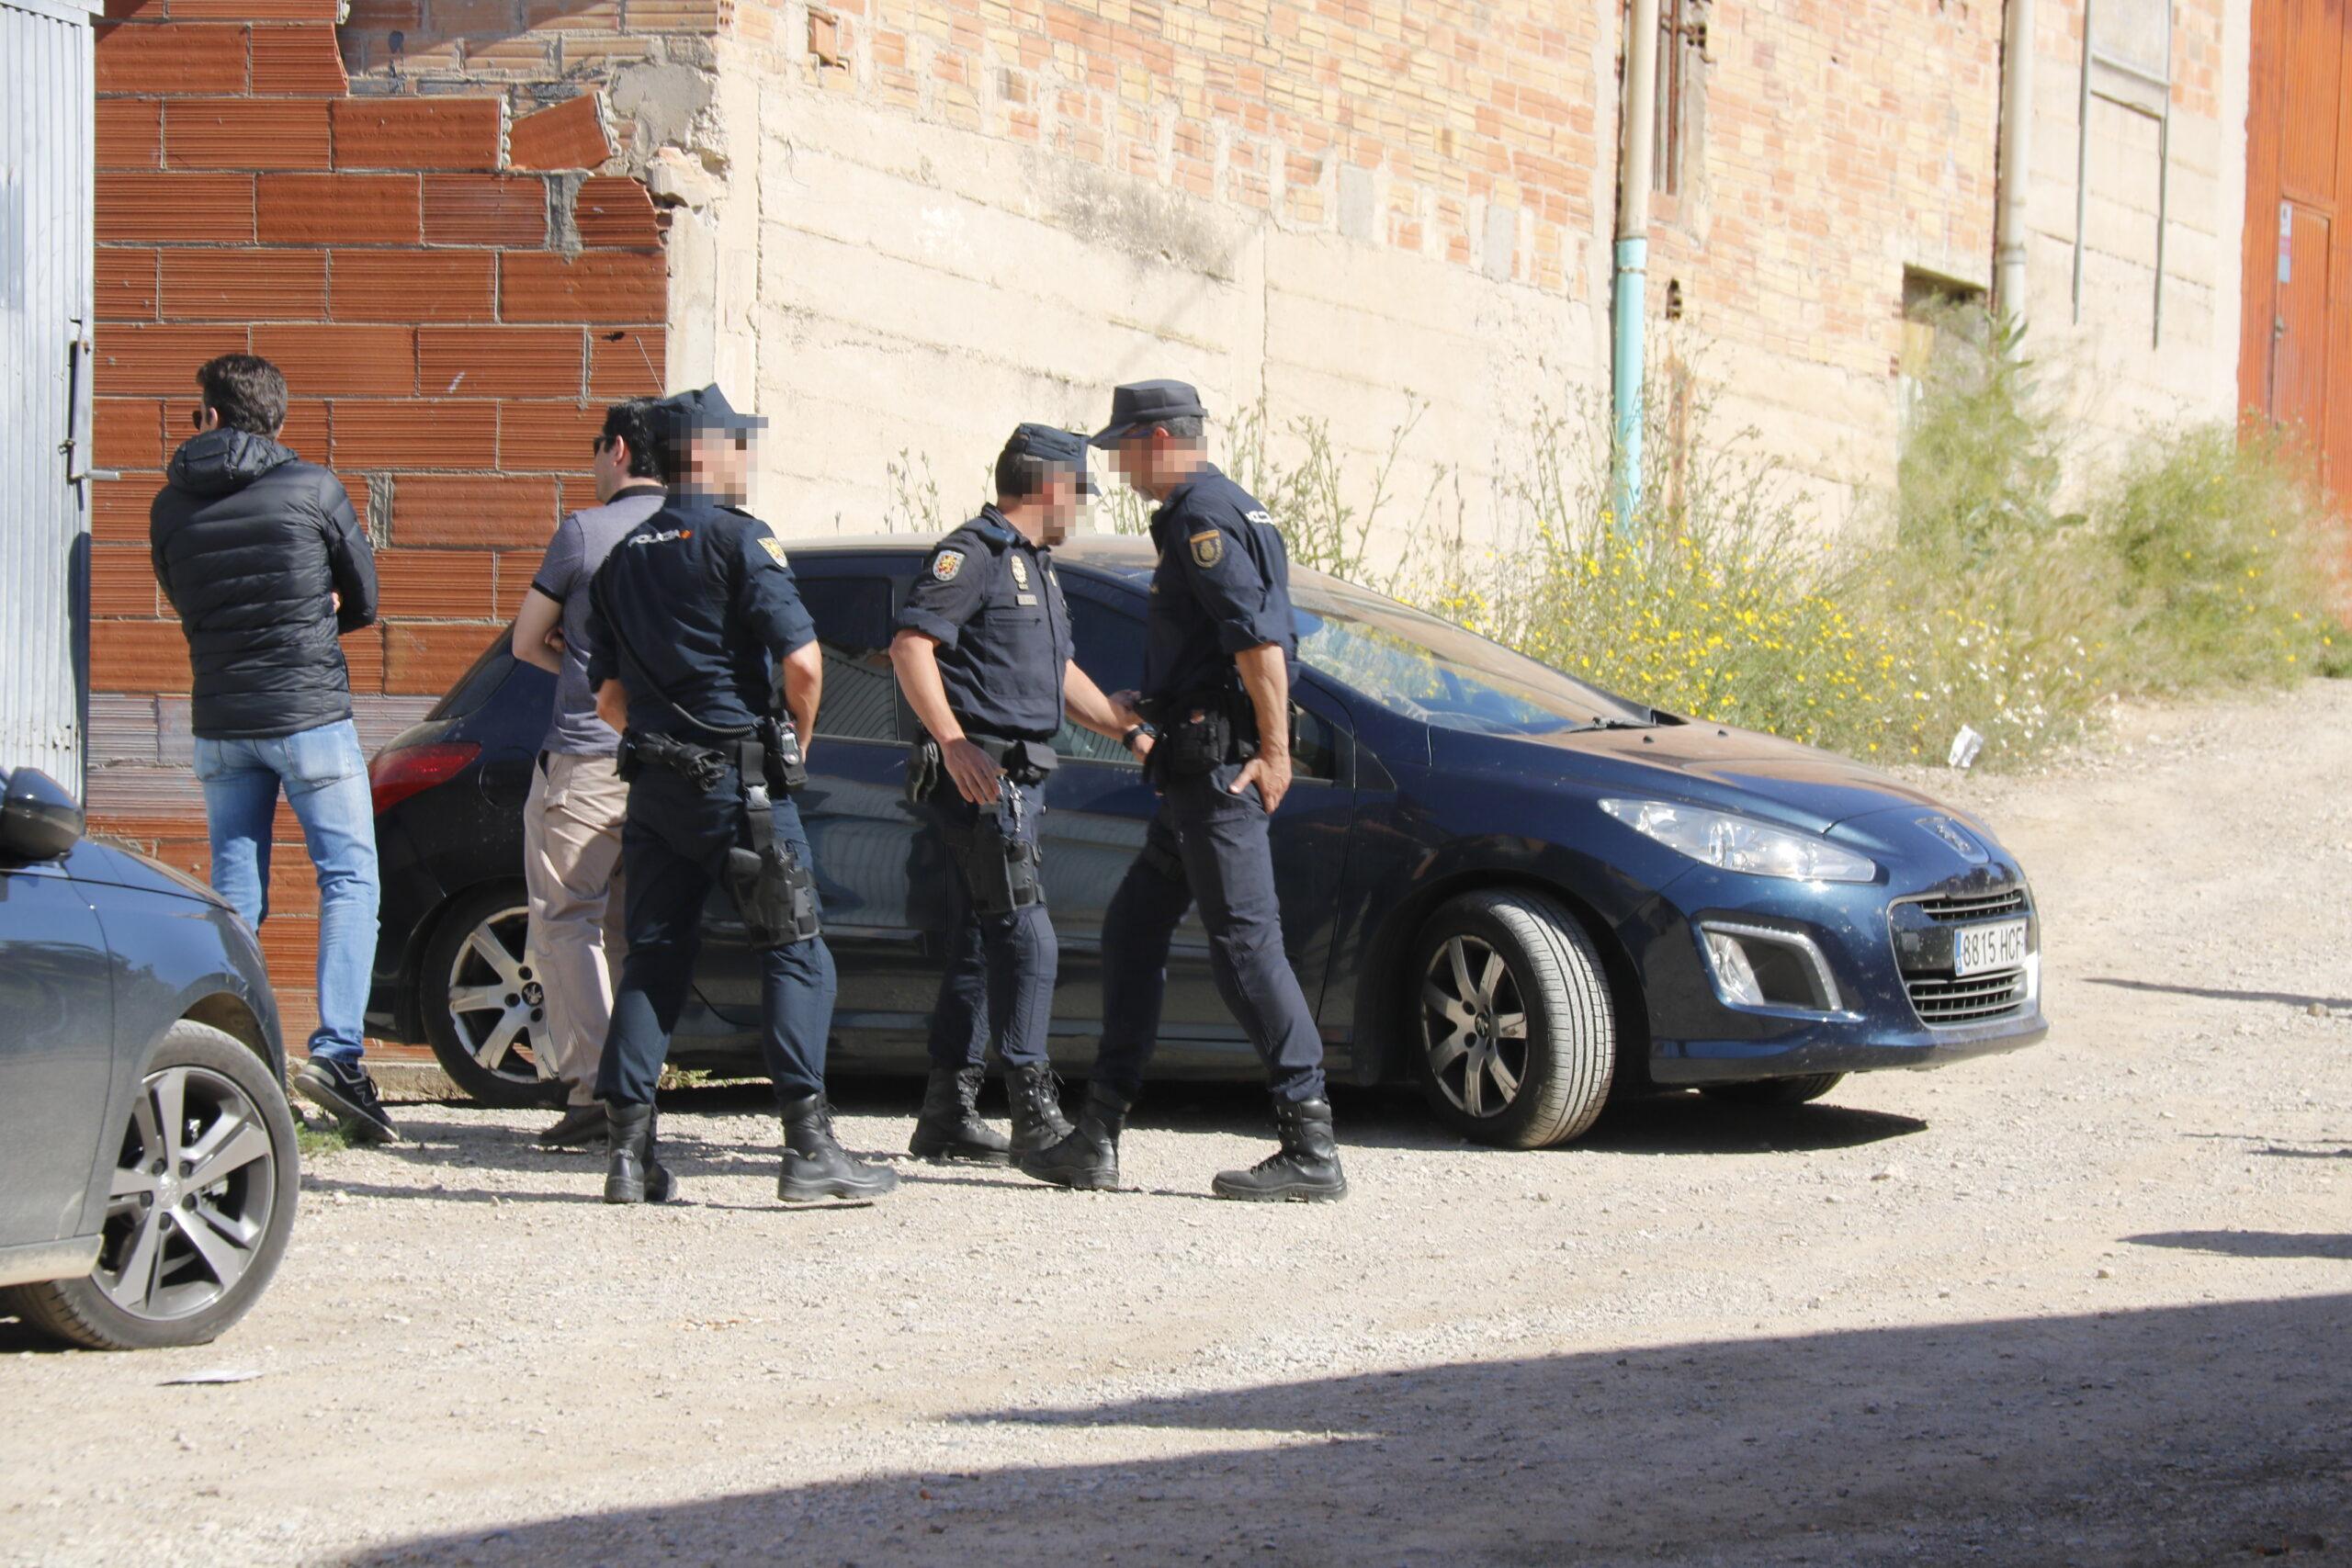 Pla mitjà on es pot veure el moment que s'emporten un dels detinguts a Bell-lloc d'Urgell per tràfic il·legal de silurs, el 14 de maig de 2019. (Horitzontal)